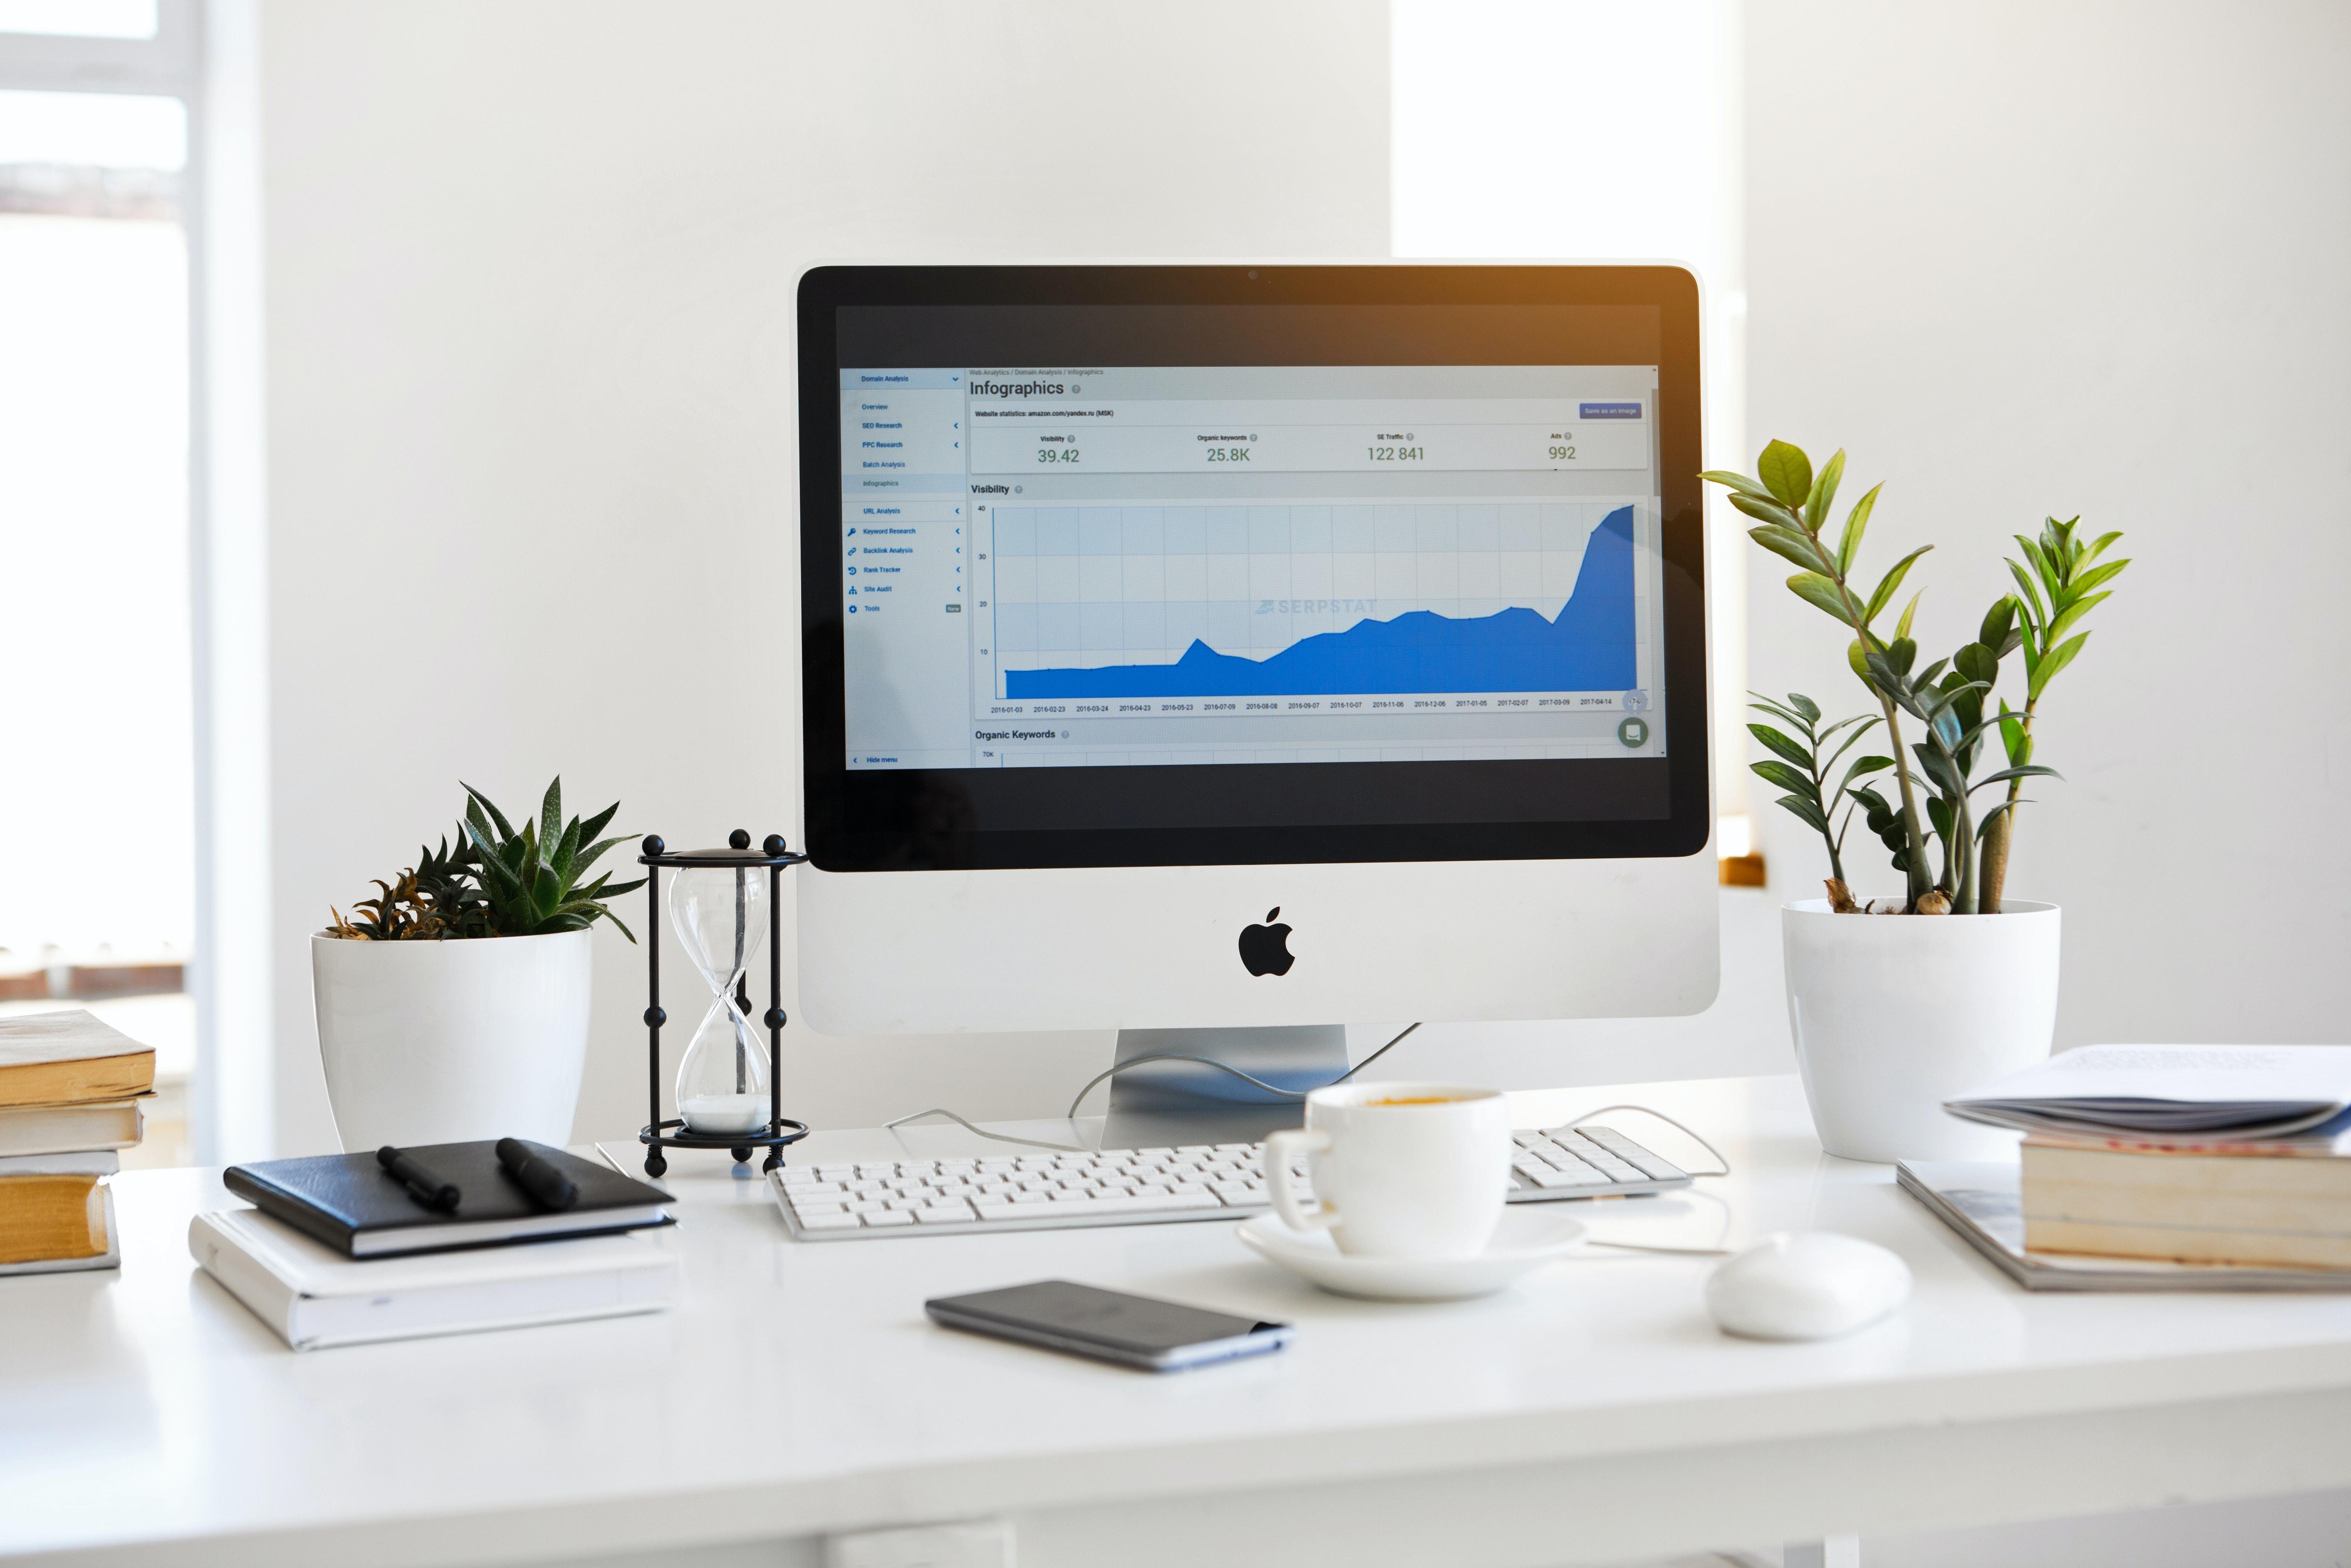 Strategjitë që duhet të ndiqni për të pasur një punë produktive nga shtëpia